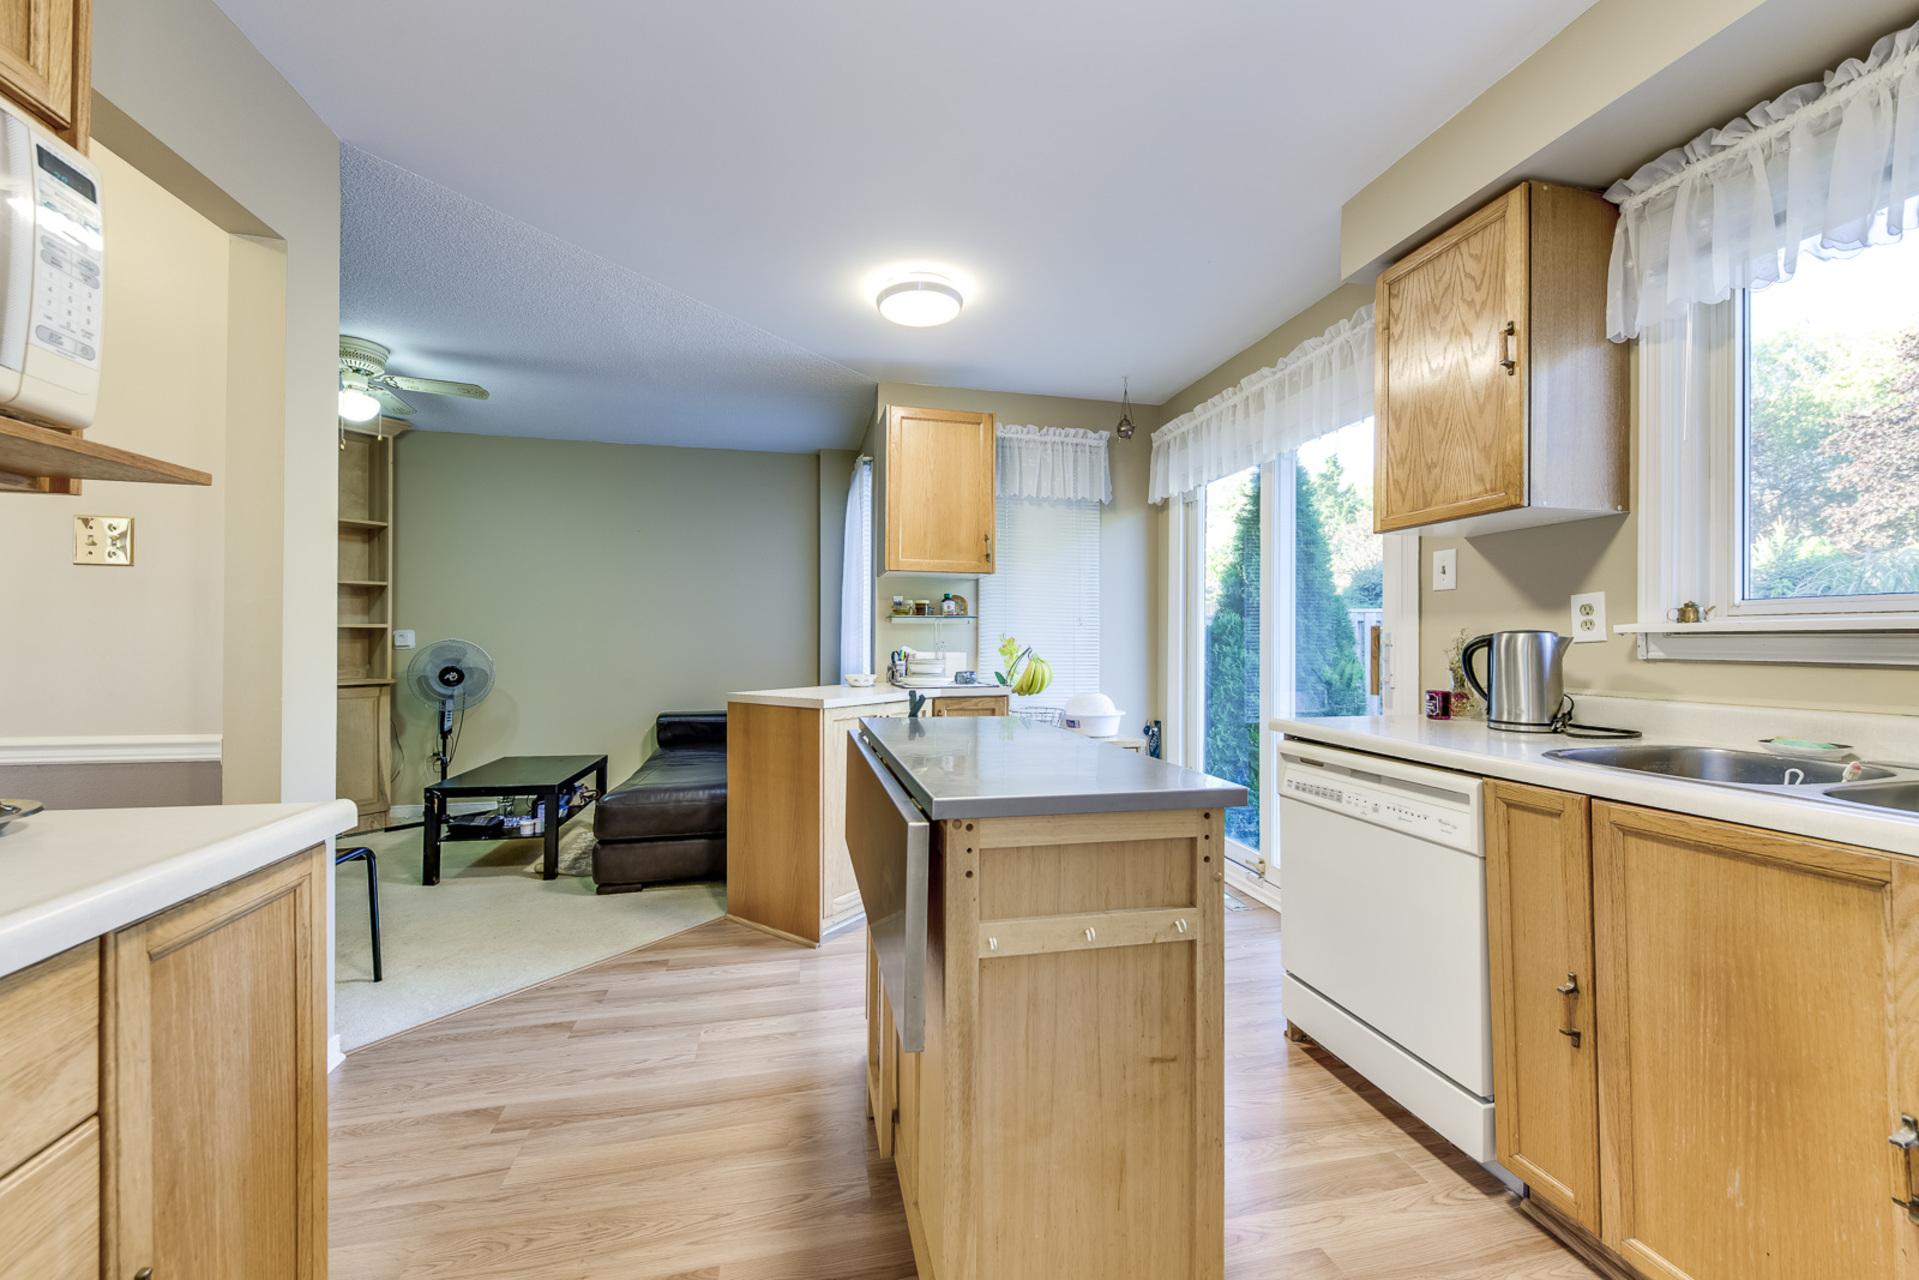 Kitchen - 4230 Credit Pointe Drive, Mississauga - Elite3 & Team at 4230 Credit Pointe Drive, East Credit, Mississauga